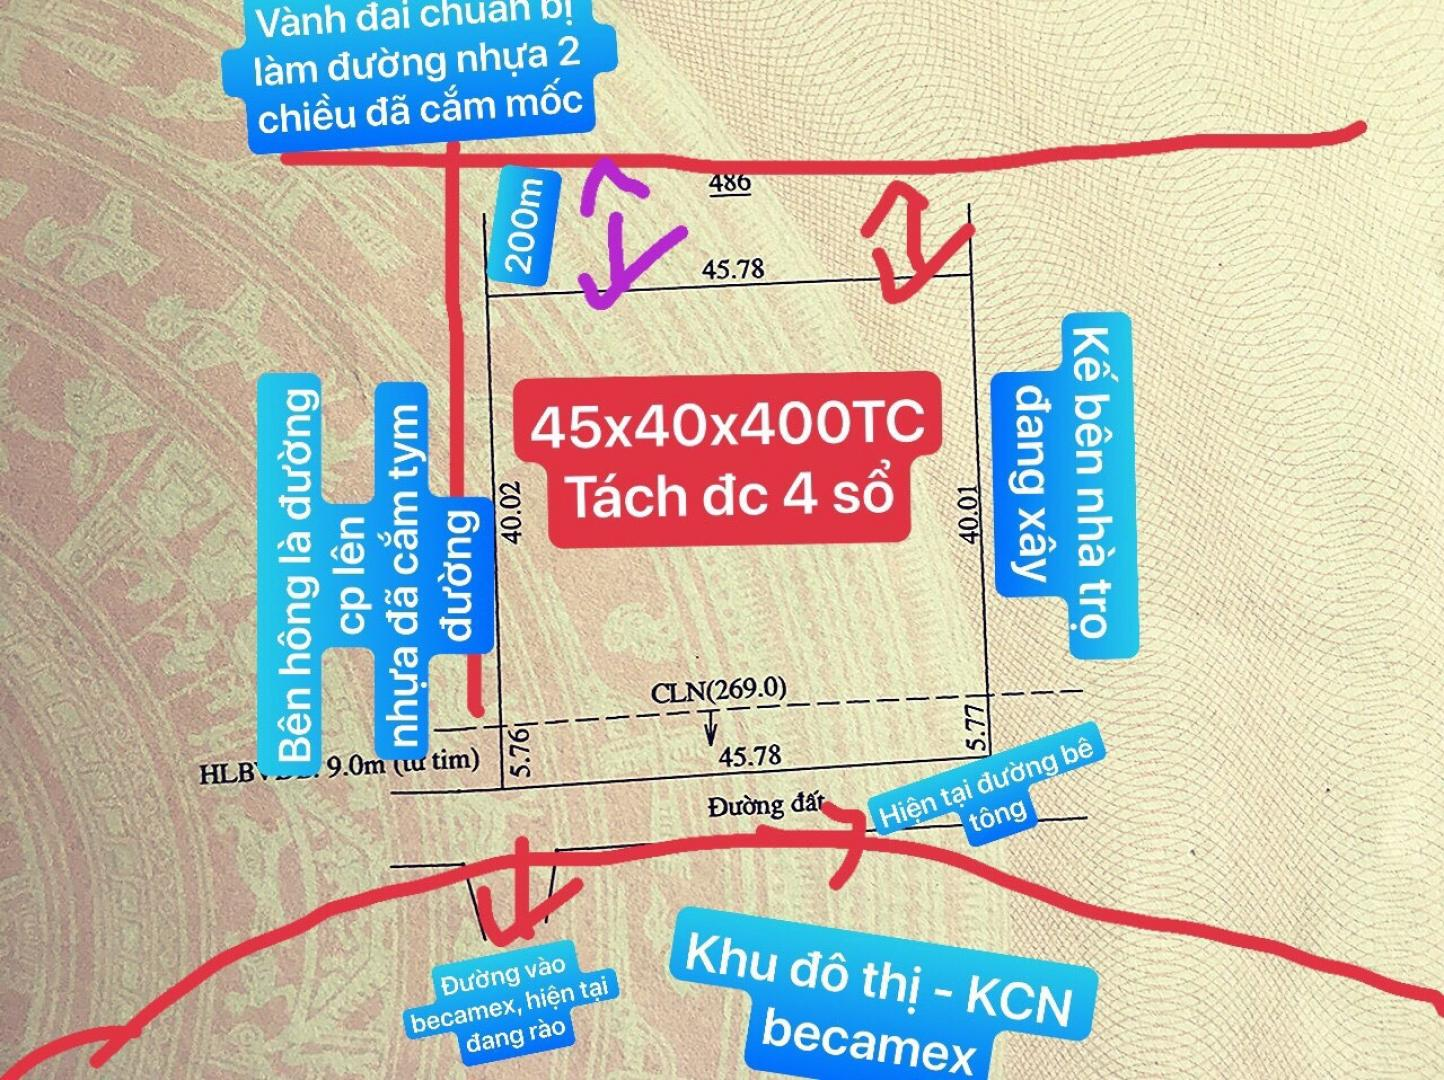 BÁN ĐẤT 2 MẶT TIỀN NGAY CỔNG BECAMEX - 400M2 THỔ CƯ, THÍCH HỢP MỞ QUÁN ĂN, XÂY Trọ image-thumb-0